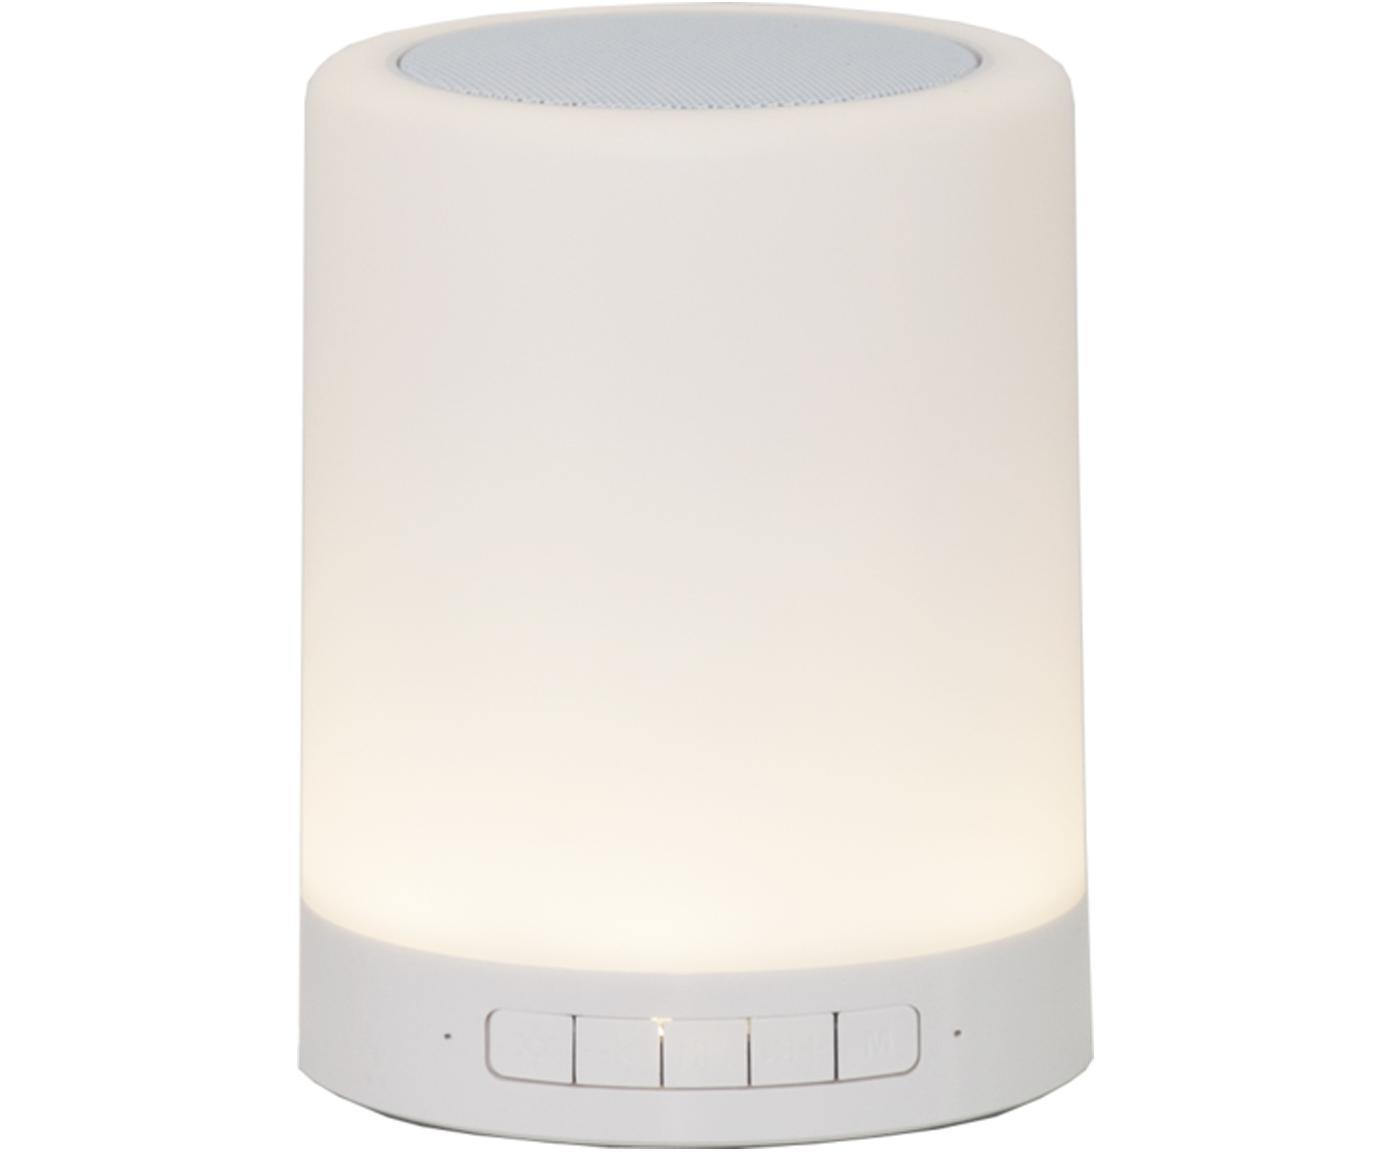 Zewnętrzna mobilna LED z głośnikiem Loli, Metal, tworzywo sztuczne (ABS), Biały, Ø 9 x W 13 cm